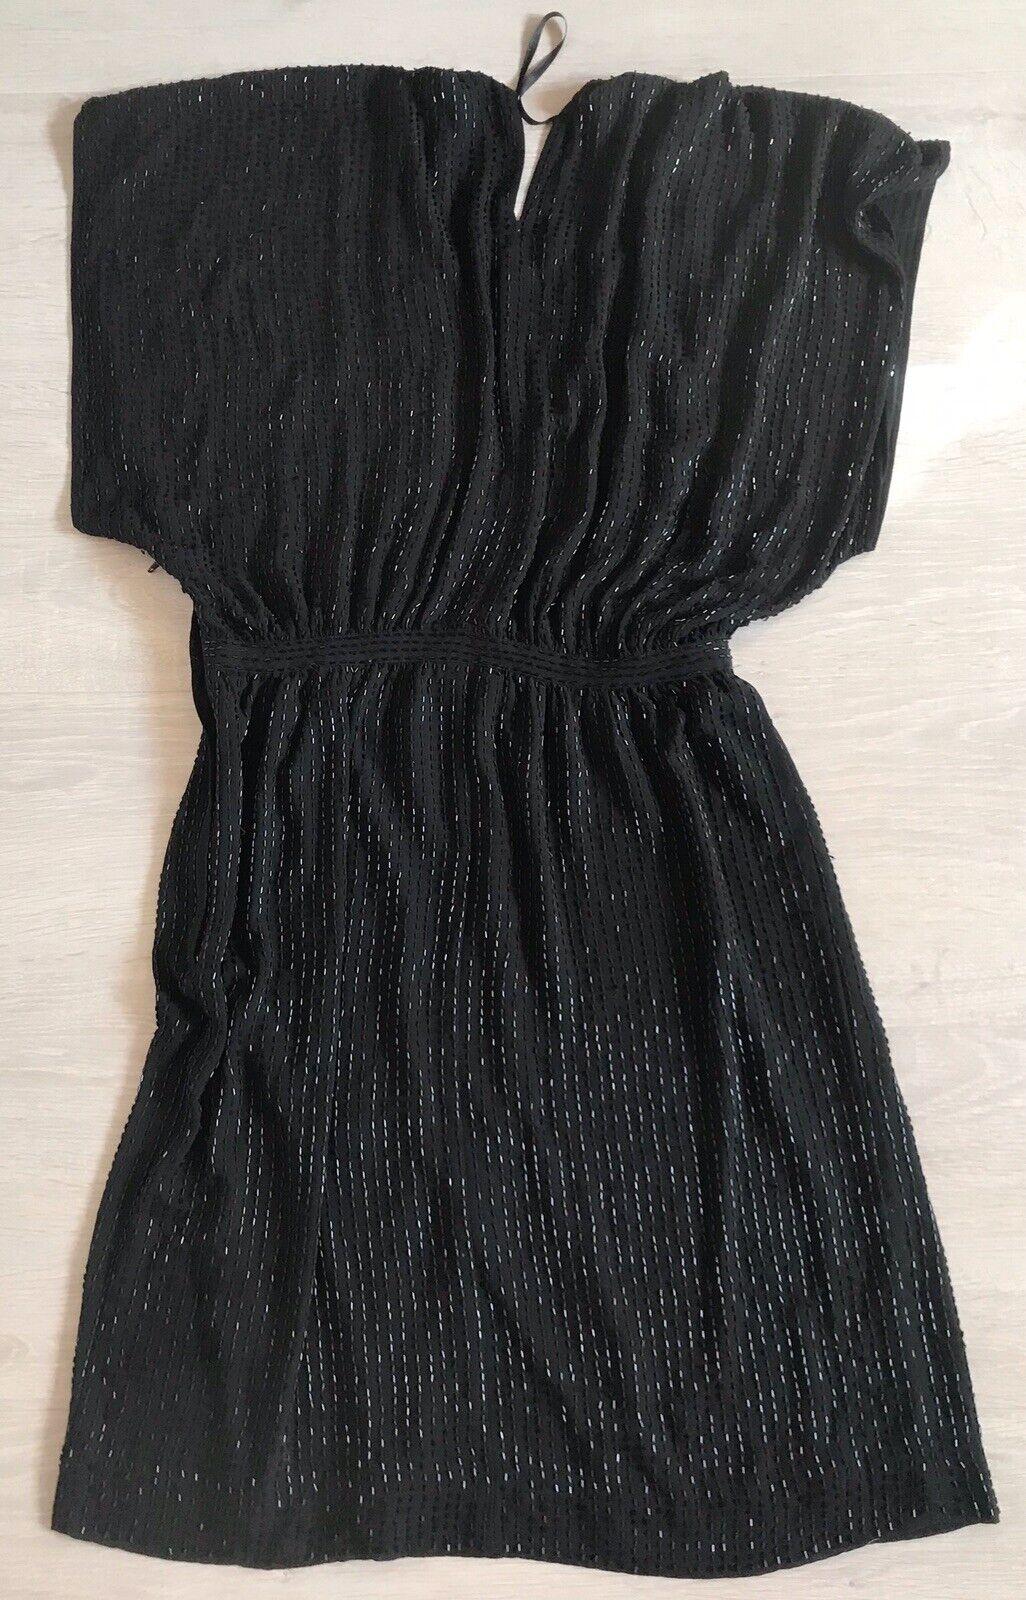 jimmy choo for h&m kleid schwarz gr. 36 party fashion